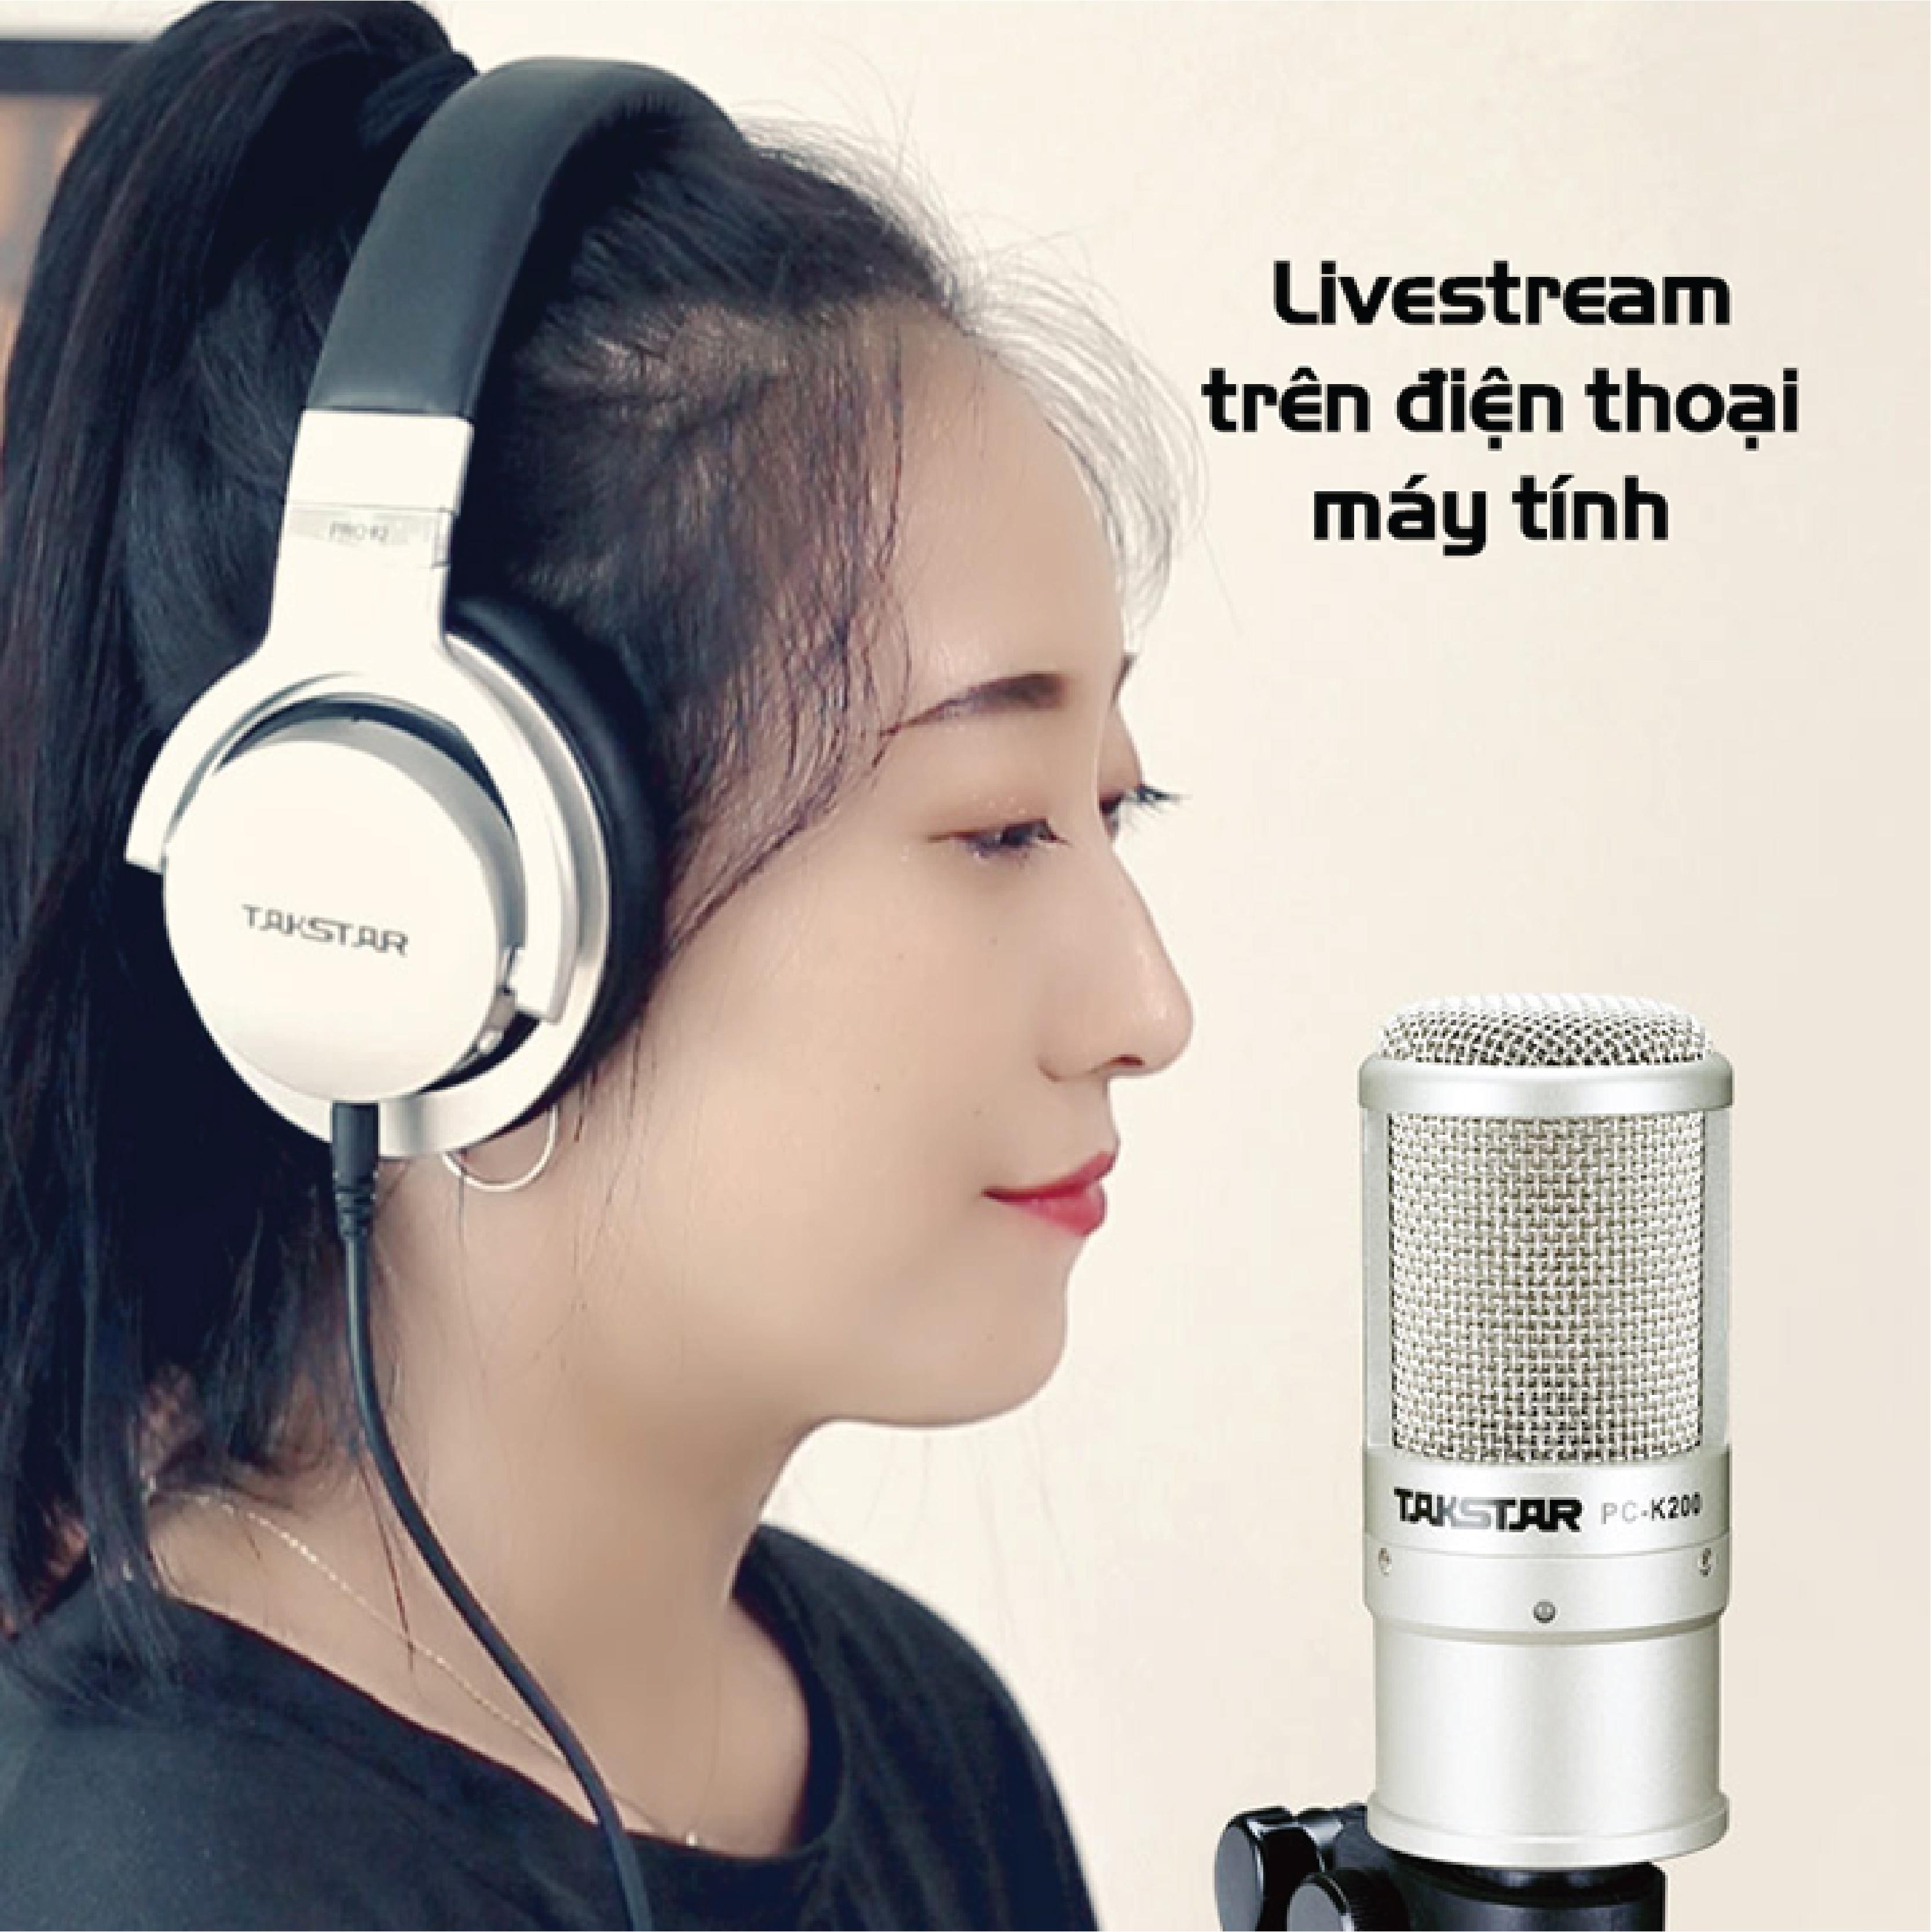 Mic thu âm Takstar PC-K200 chuyên nghiệp [HÀNG CHÍNH HÃNG]  - Micro livestream - Mic PC K200